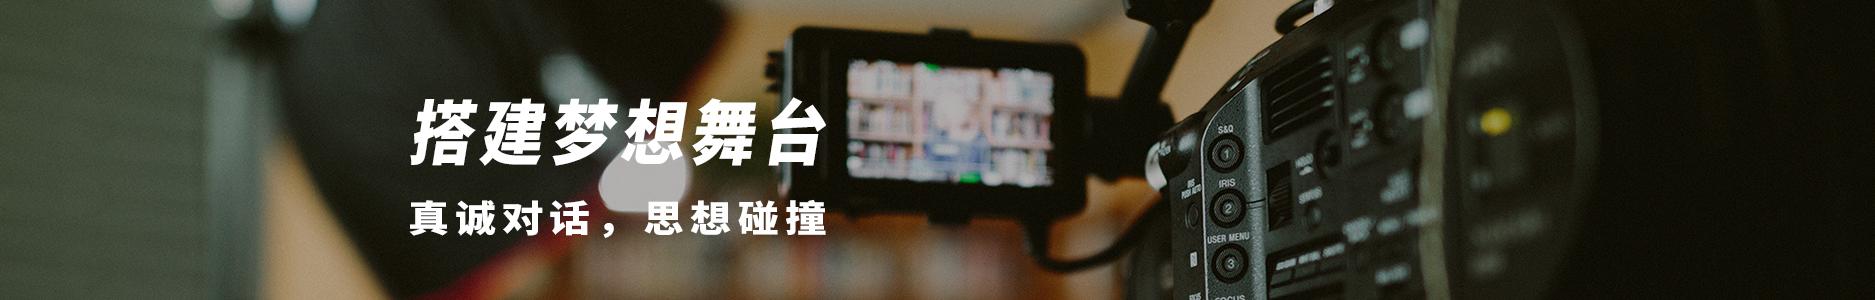 信用中国视频库 banner